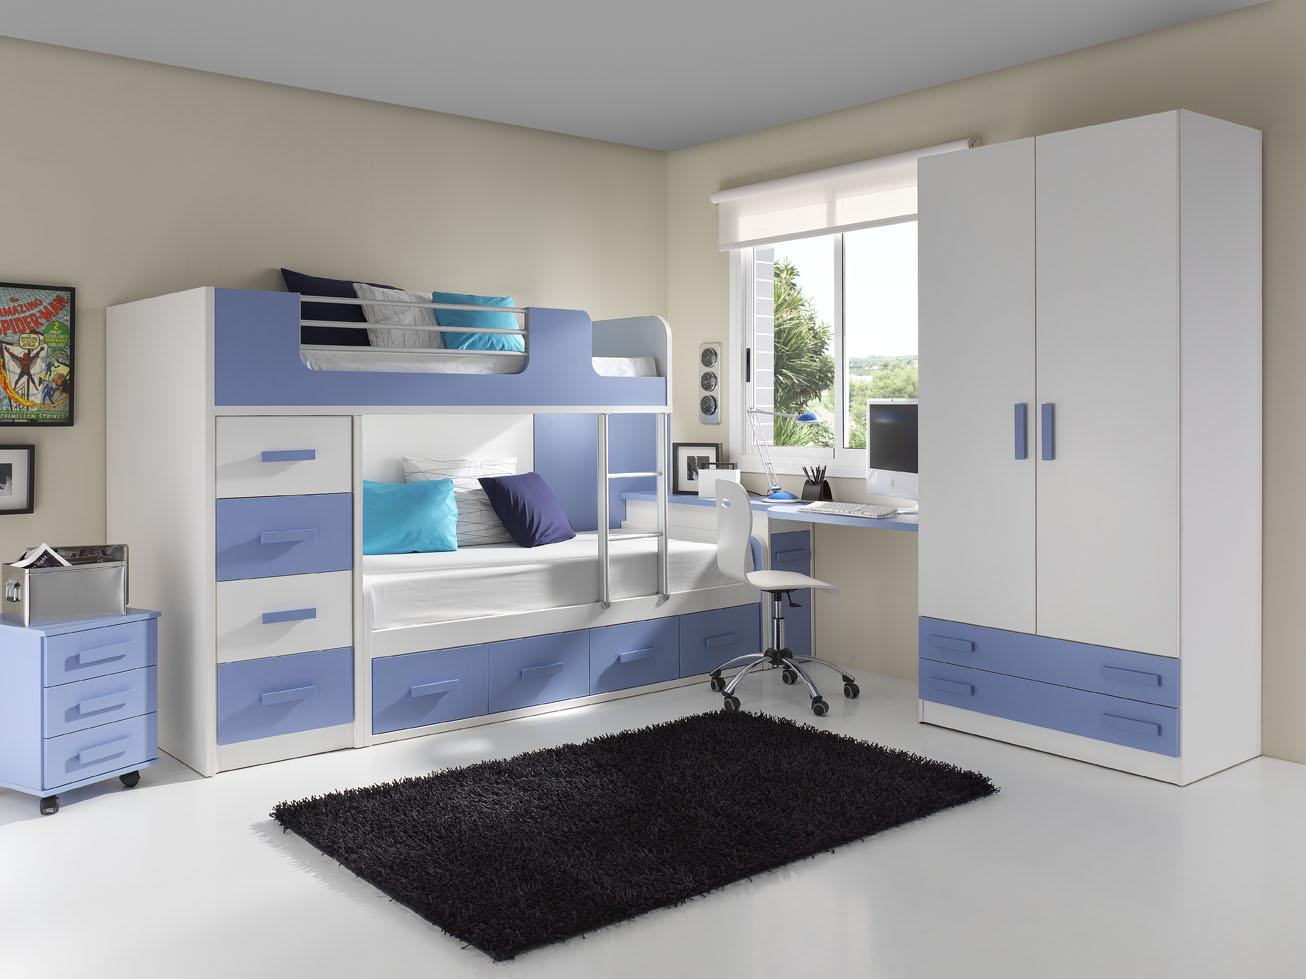 Habitaciones compartidas para ni os muebles orts blog for Habitacion para 2 ninos